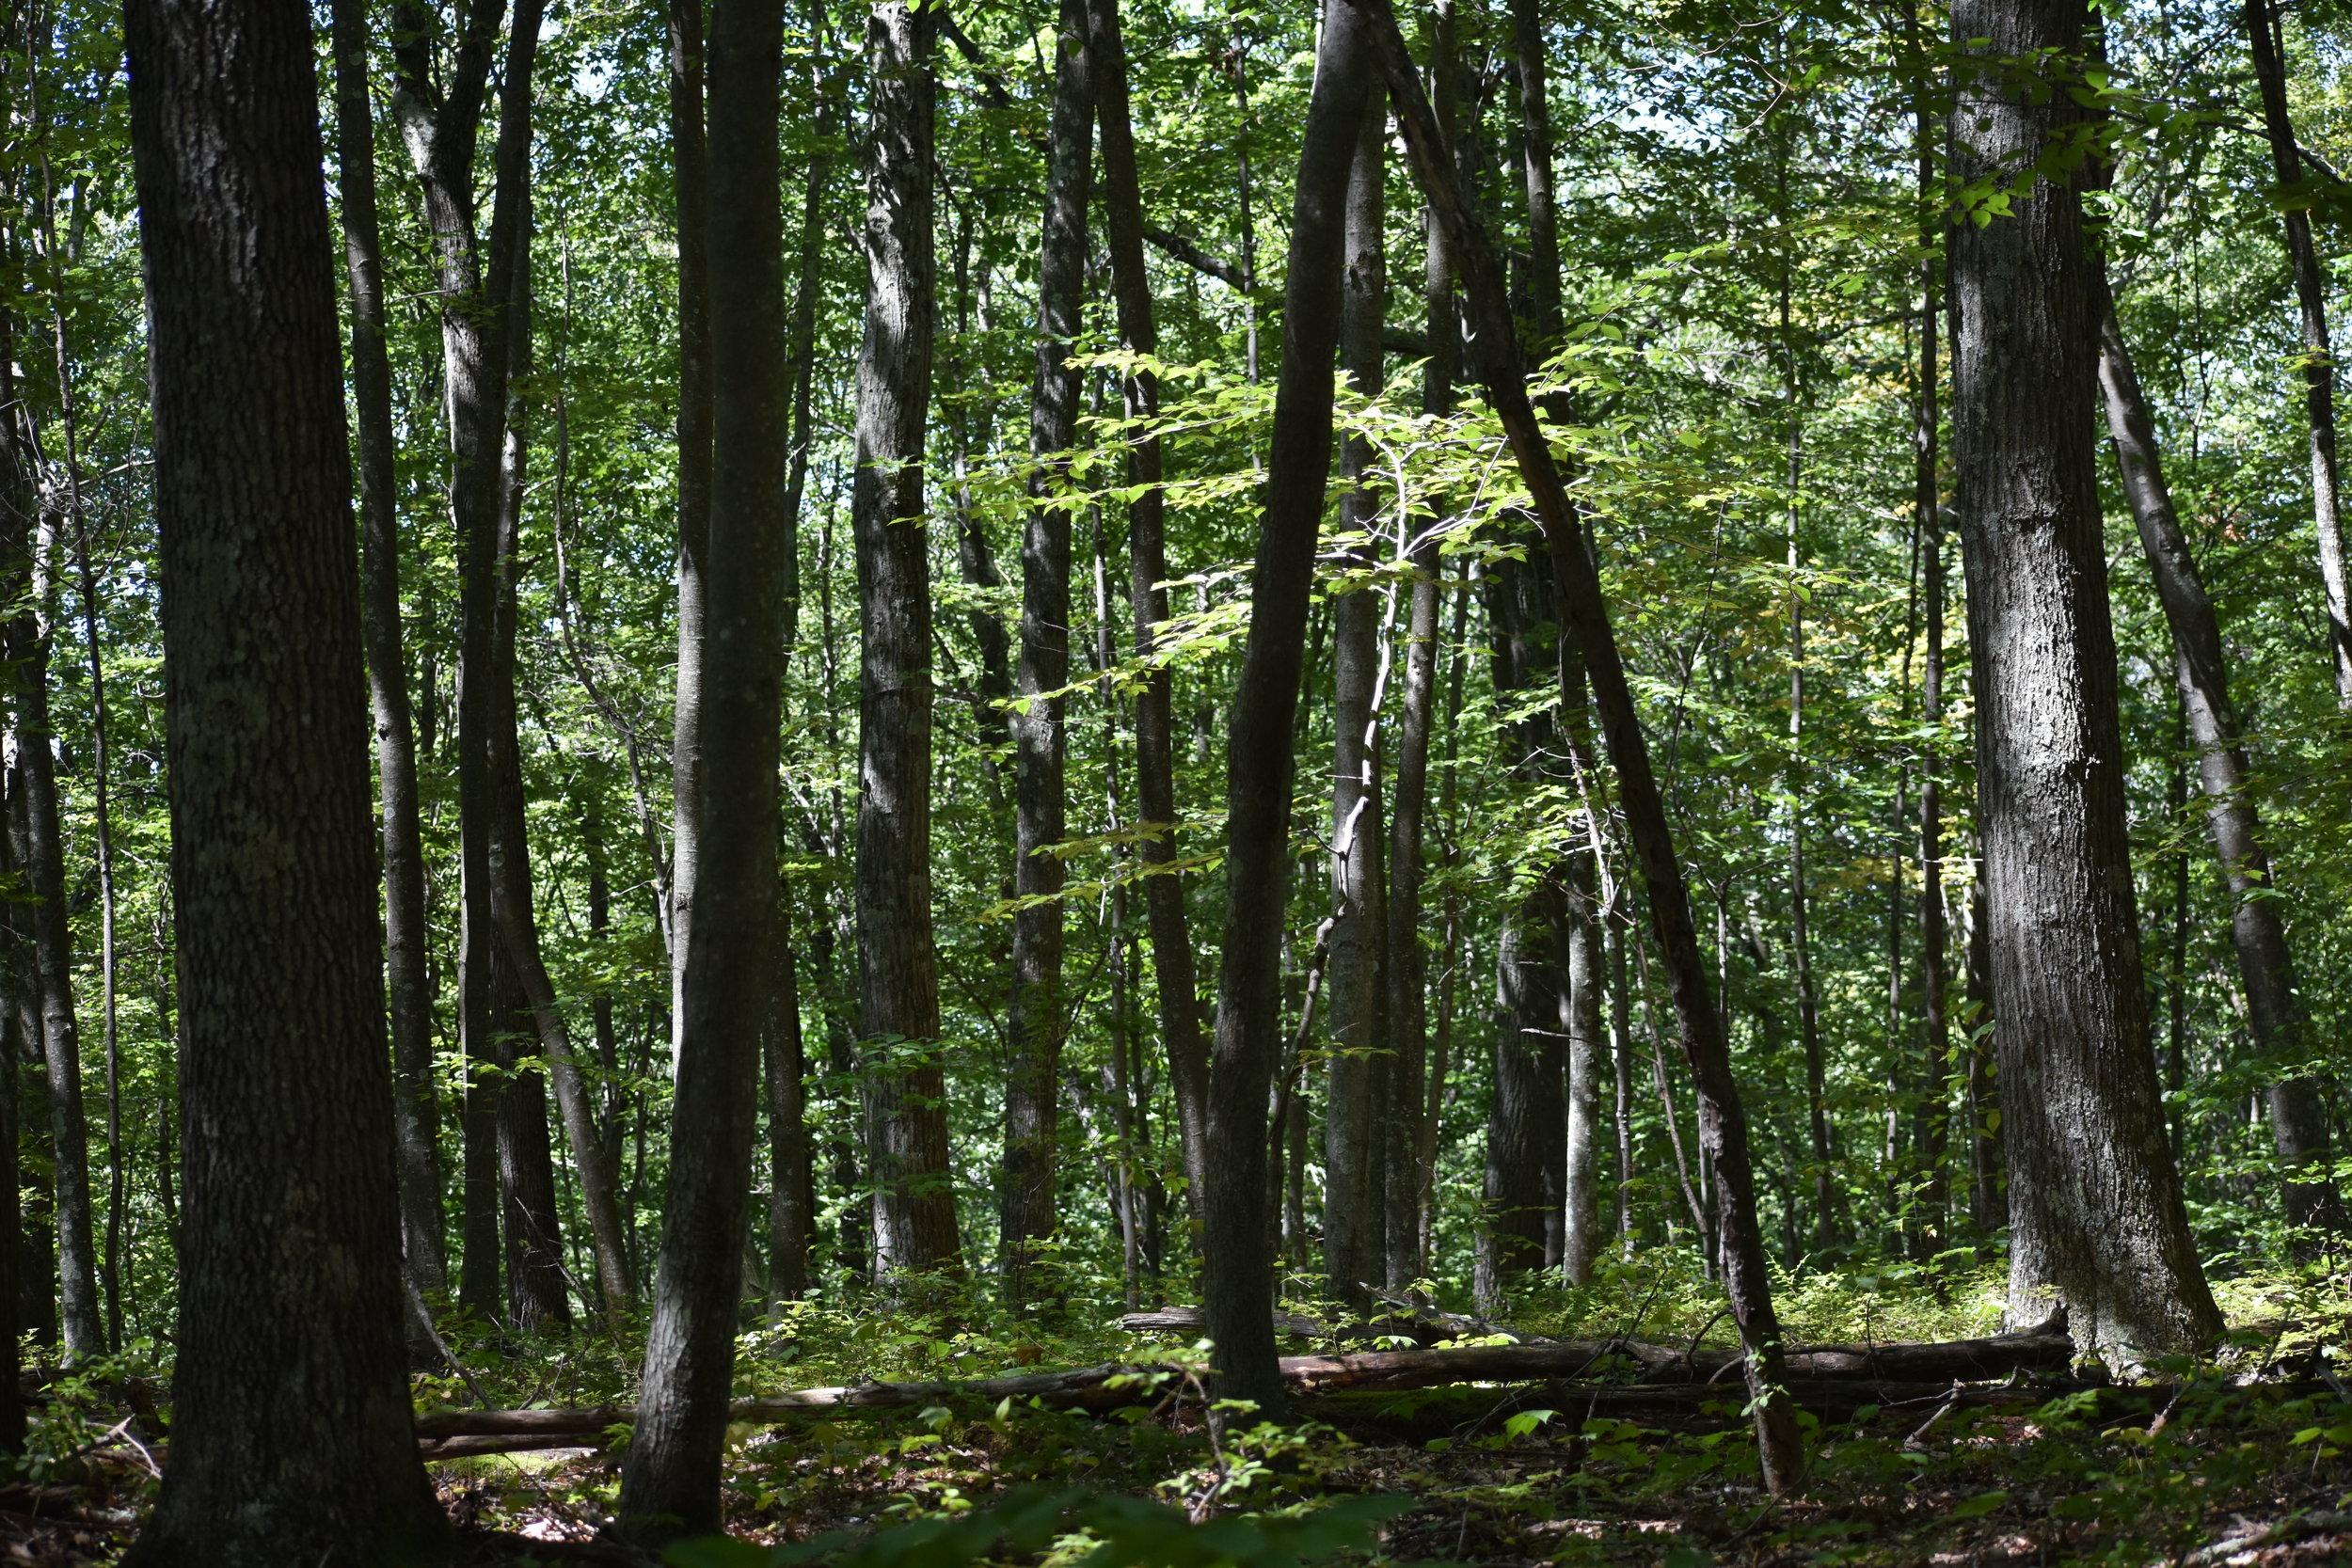 Habitat: Wooded Areas